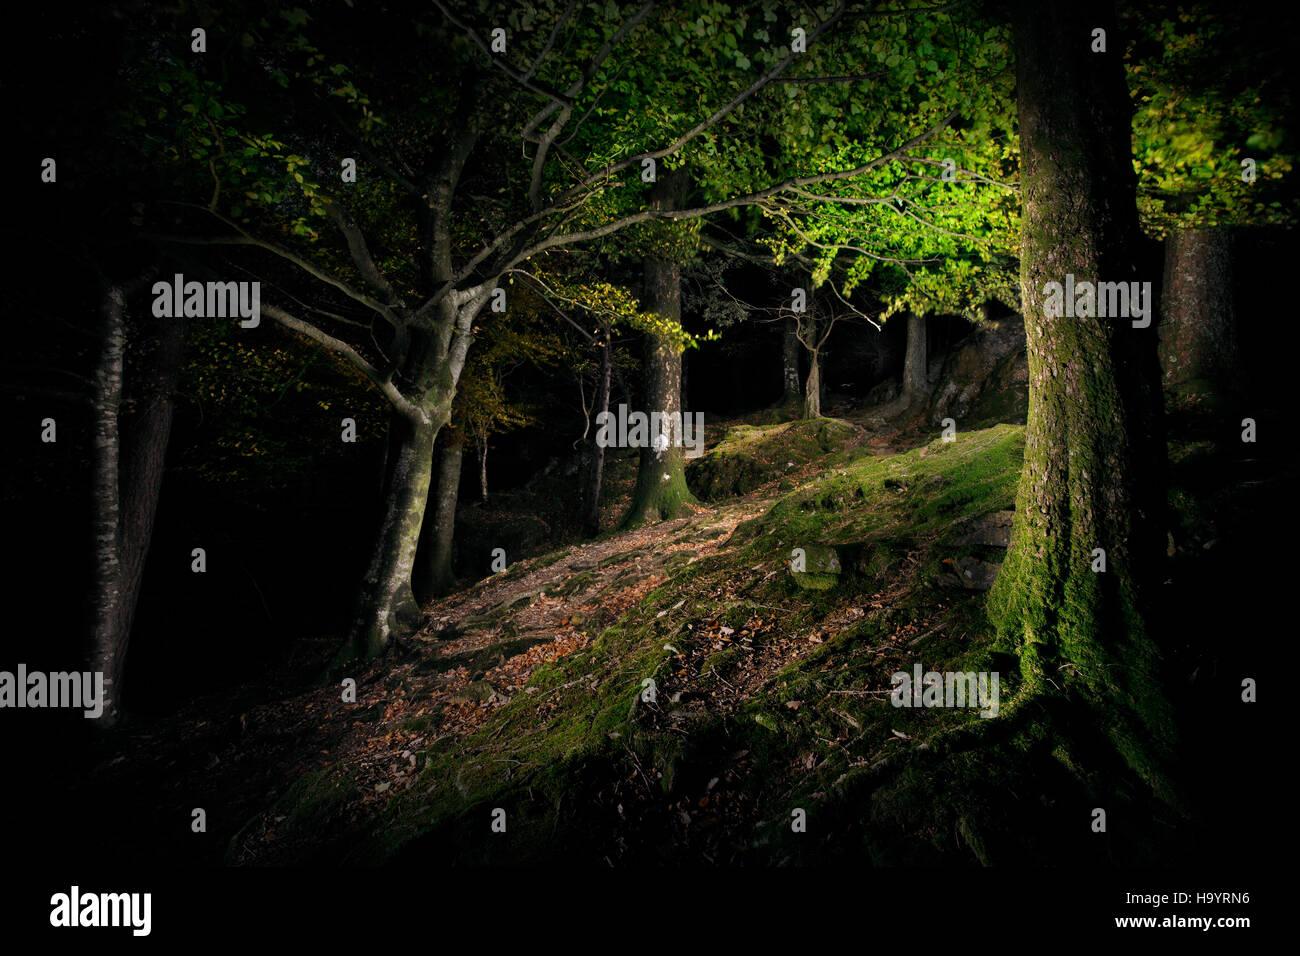 Ein dunkles Holz in der Nacht. Stockbild